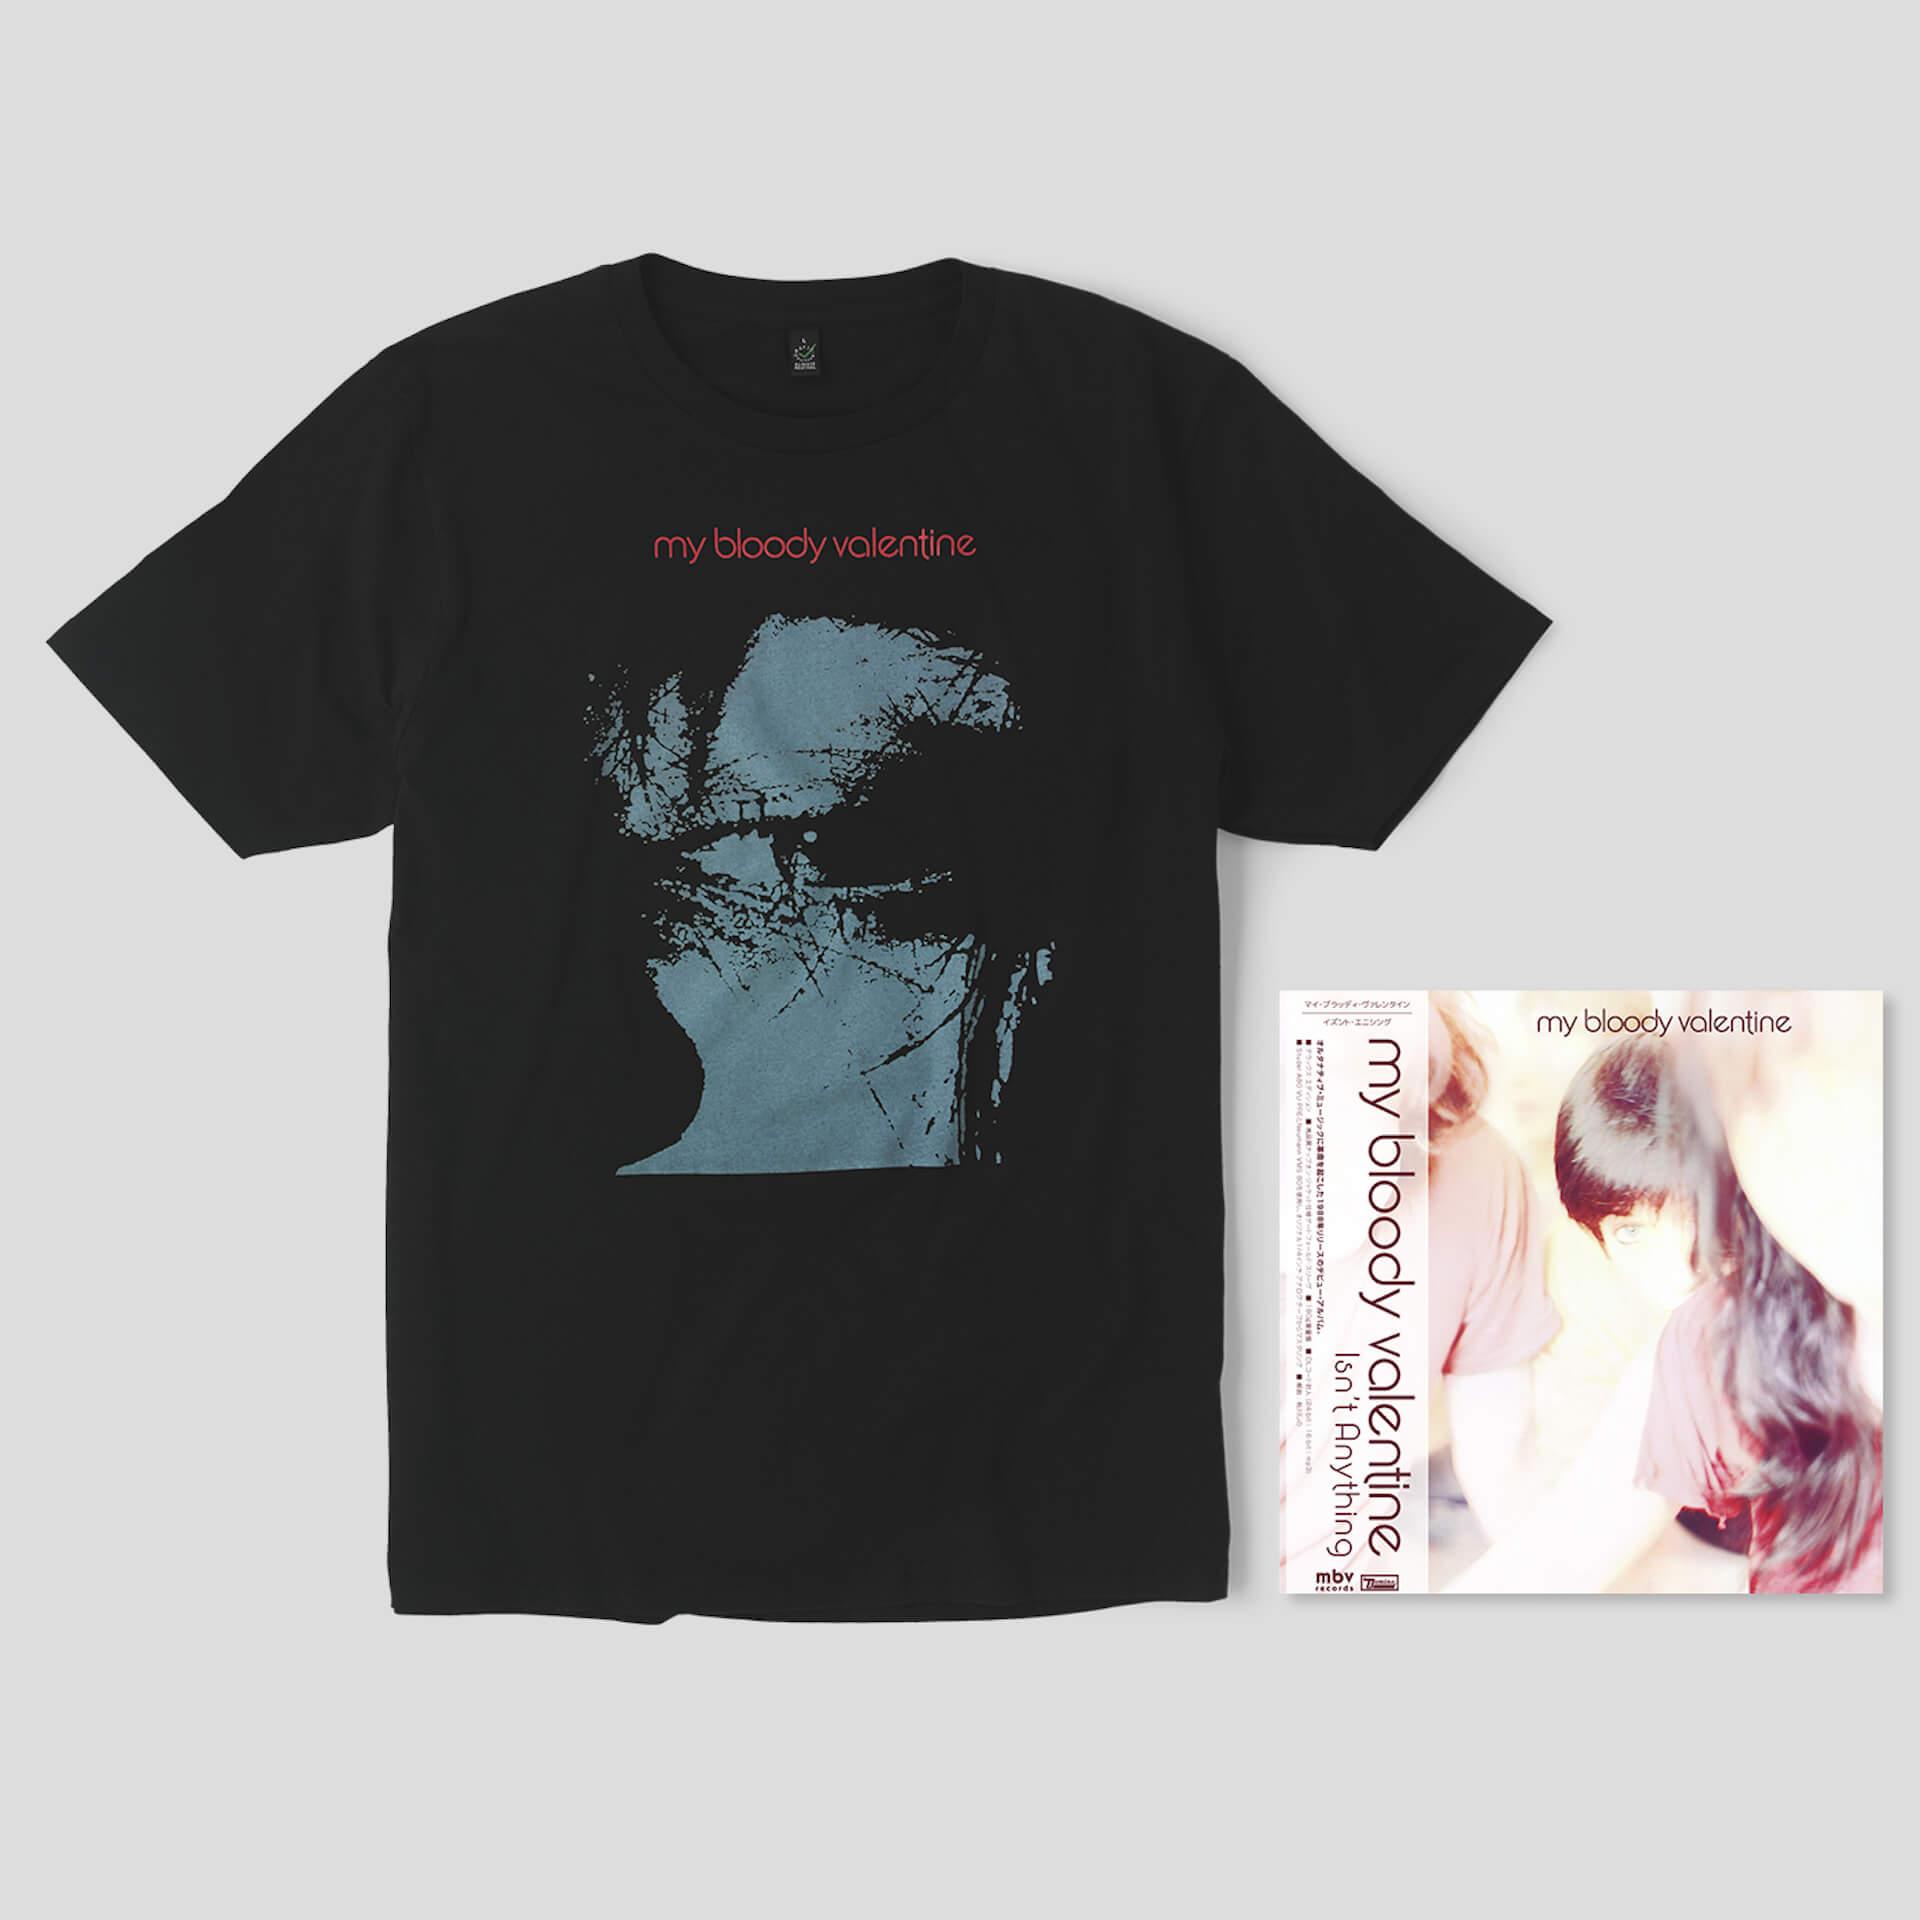 待望のサブスク解禁で話題のMy Bloody Valentineが英ラジオ局にて特別放送をキュレーション!5月には新装盤CDとLPの再発も music210413_mybloodyvalentine-210413_10